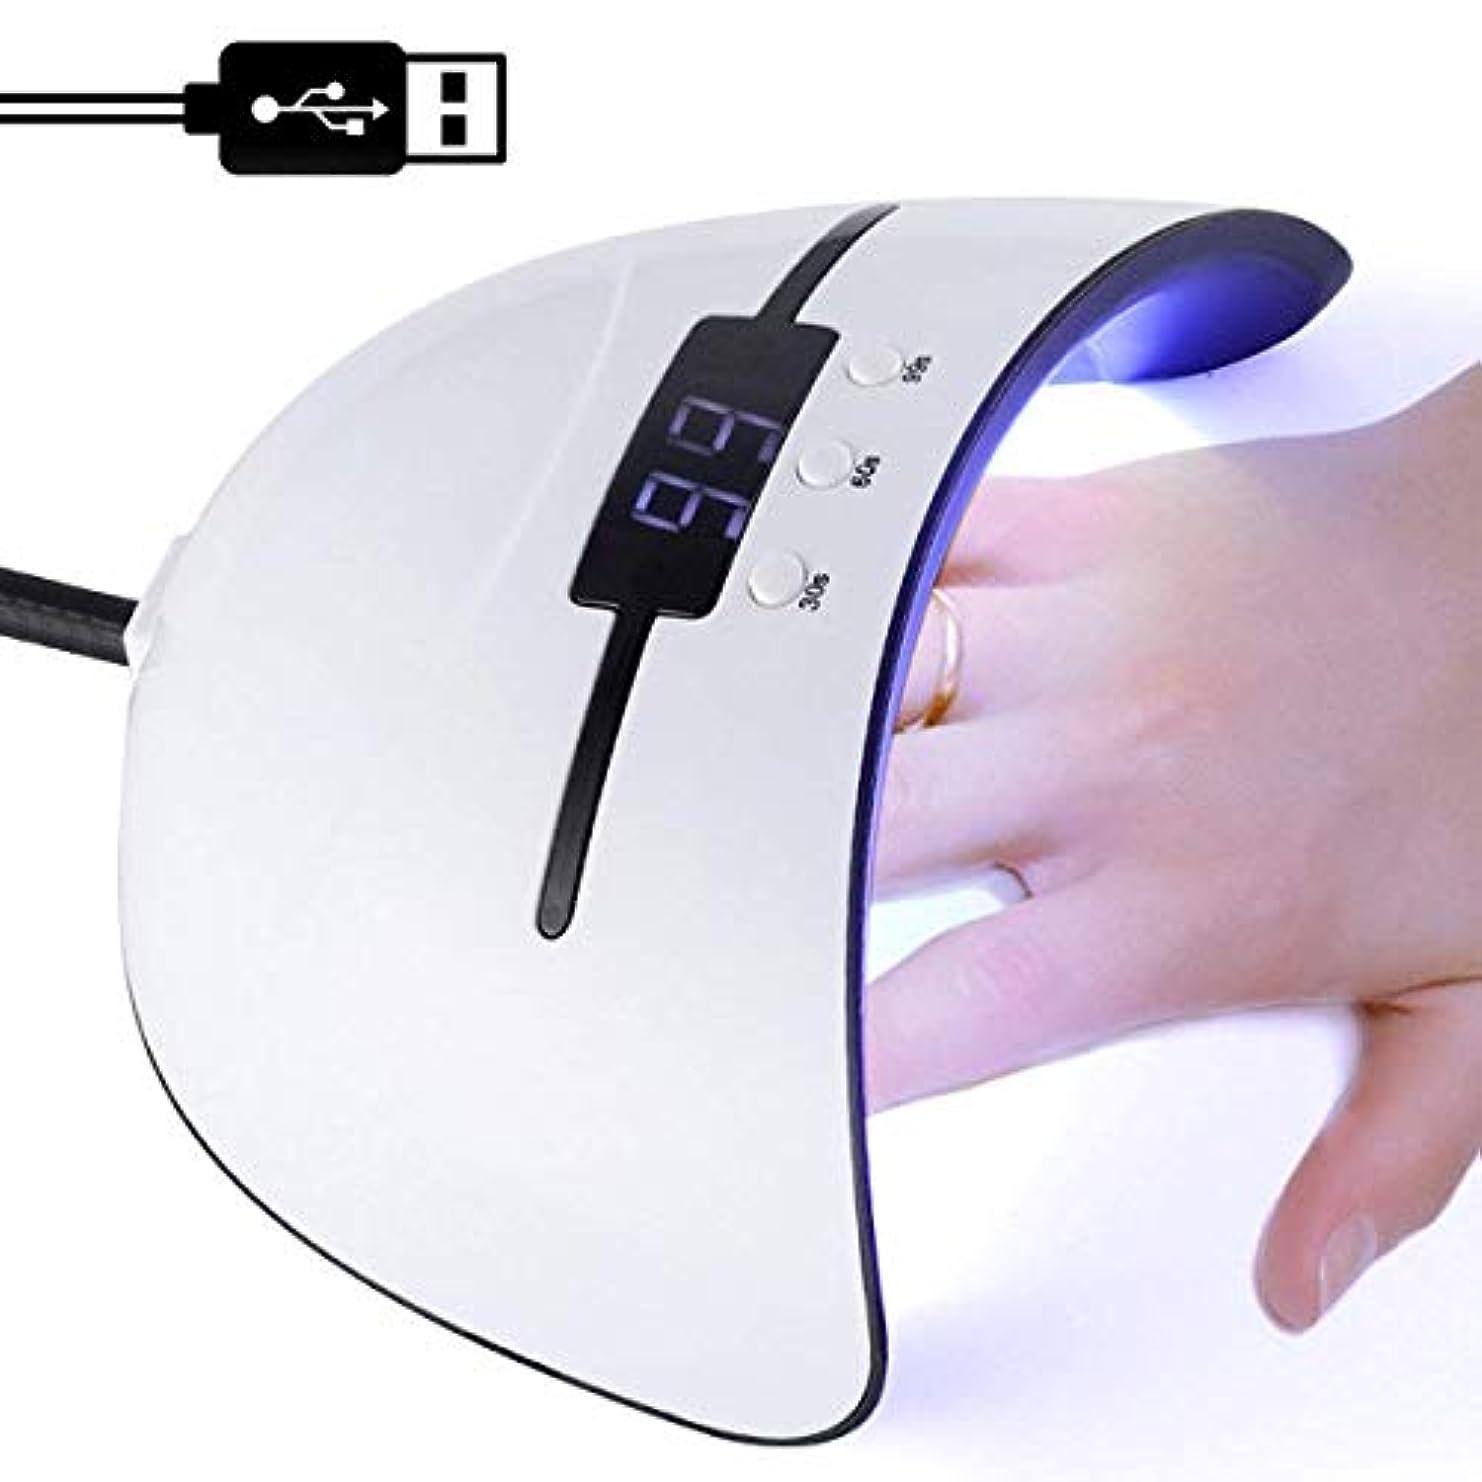 意識的テレビ分数ネイルドライヤー 硬化用ライト 36w 美肌搭載 爪の薄い女性でも安心 液晶モニター センサーが感知 全ジェル対応 LED UV ネイルライト